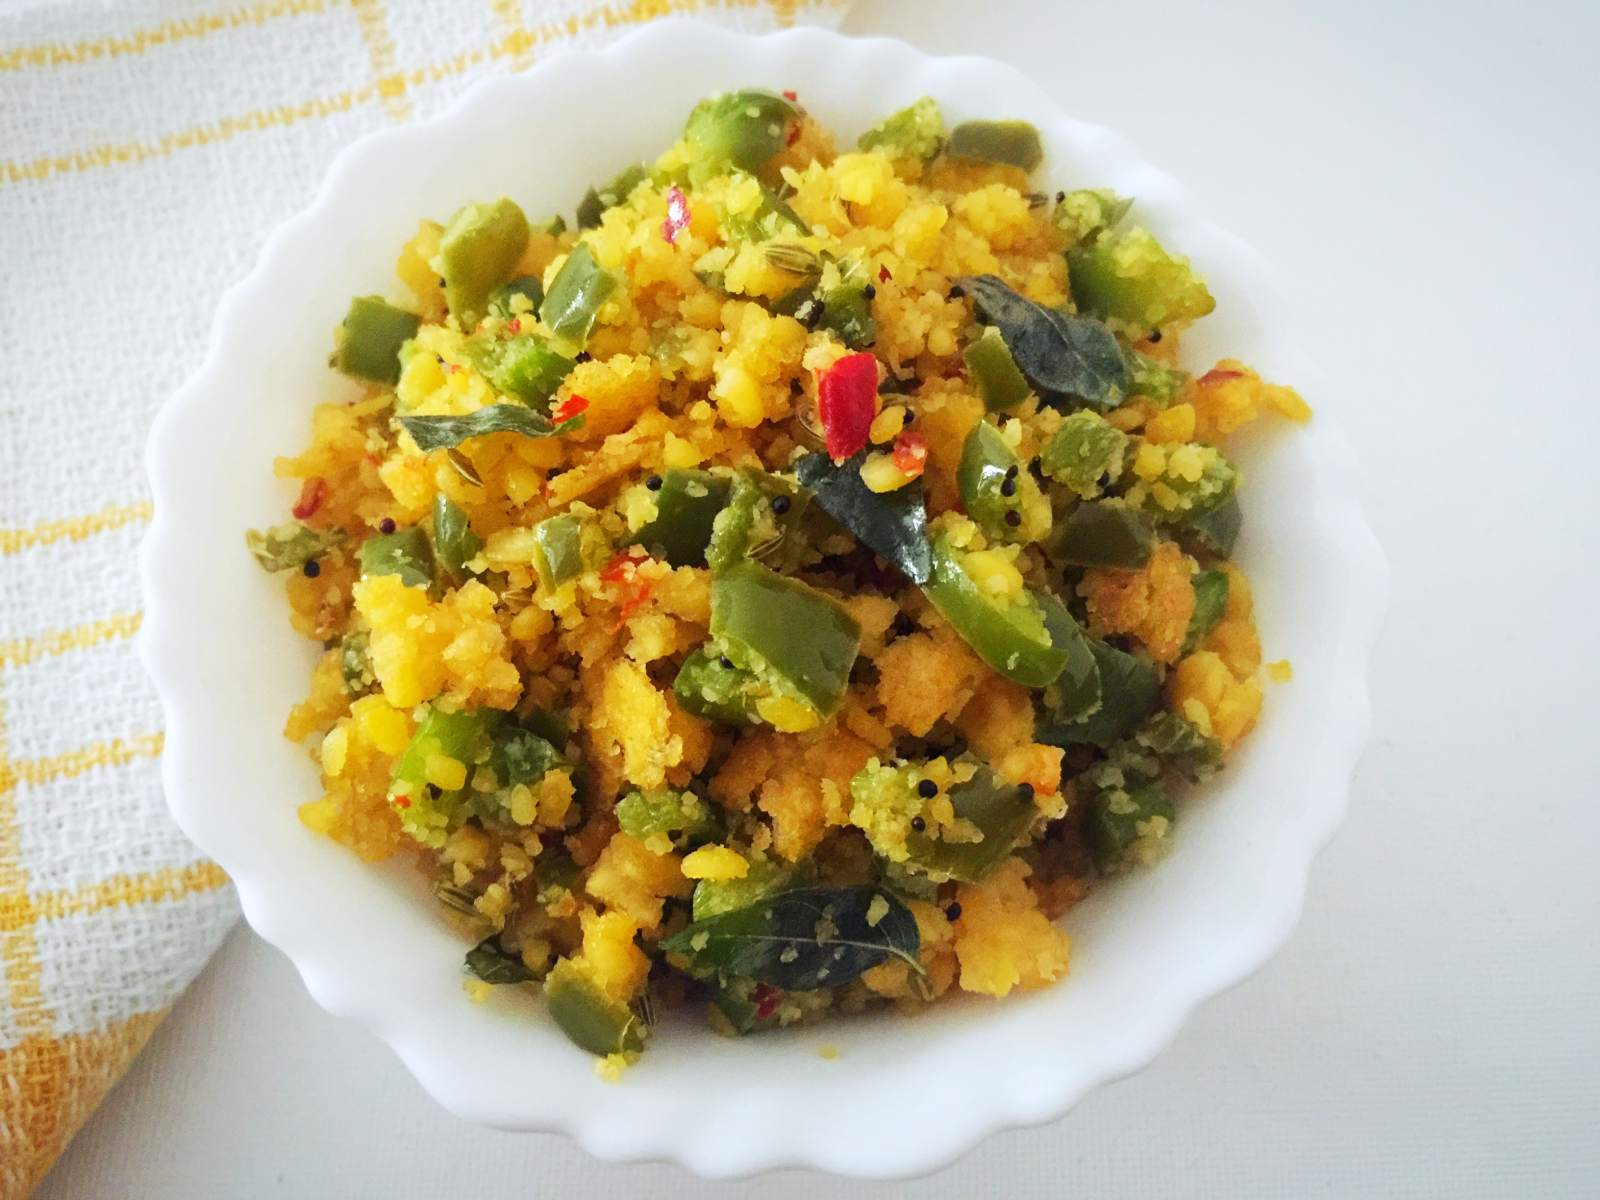 Capsicum usili recipe tamil nadu style capsicum cooked with lentils capsicum usili recipe tamil nadu style capsicum cooked with lentils spice mix forumfinder Images